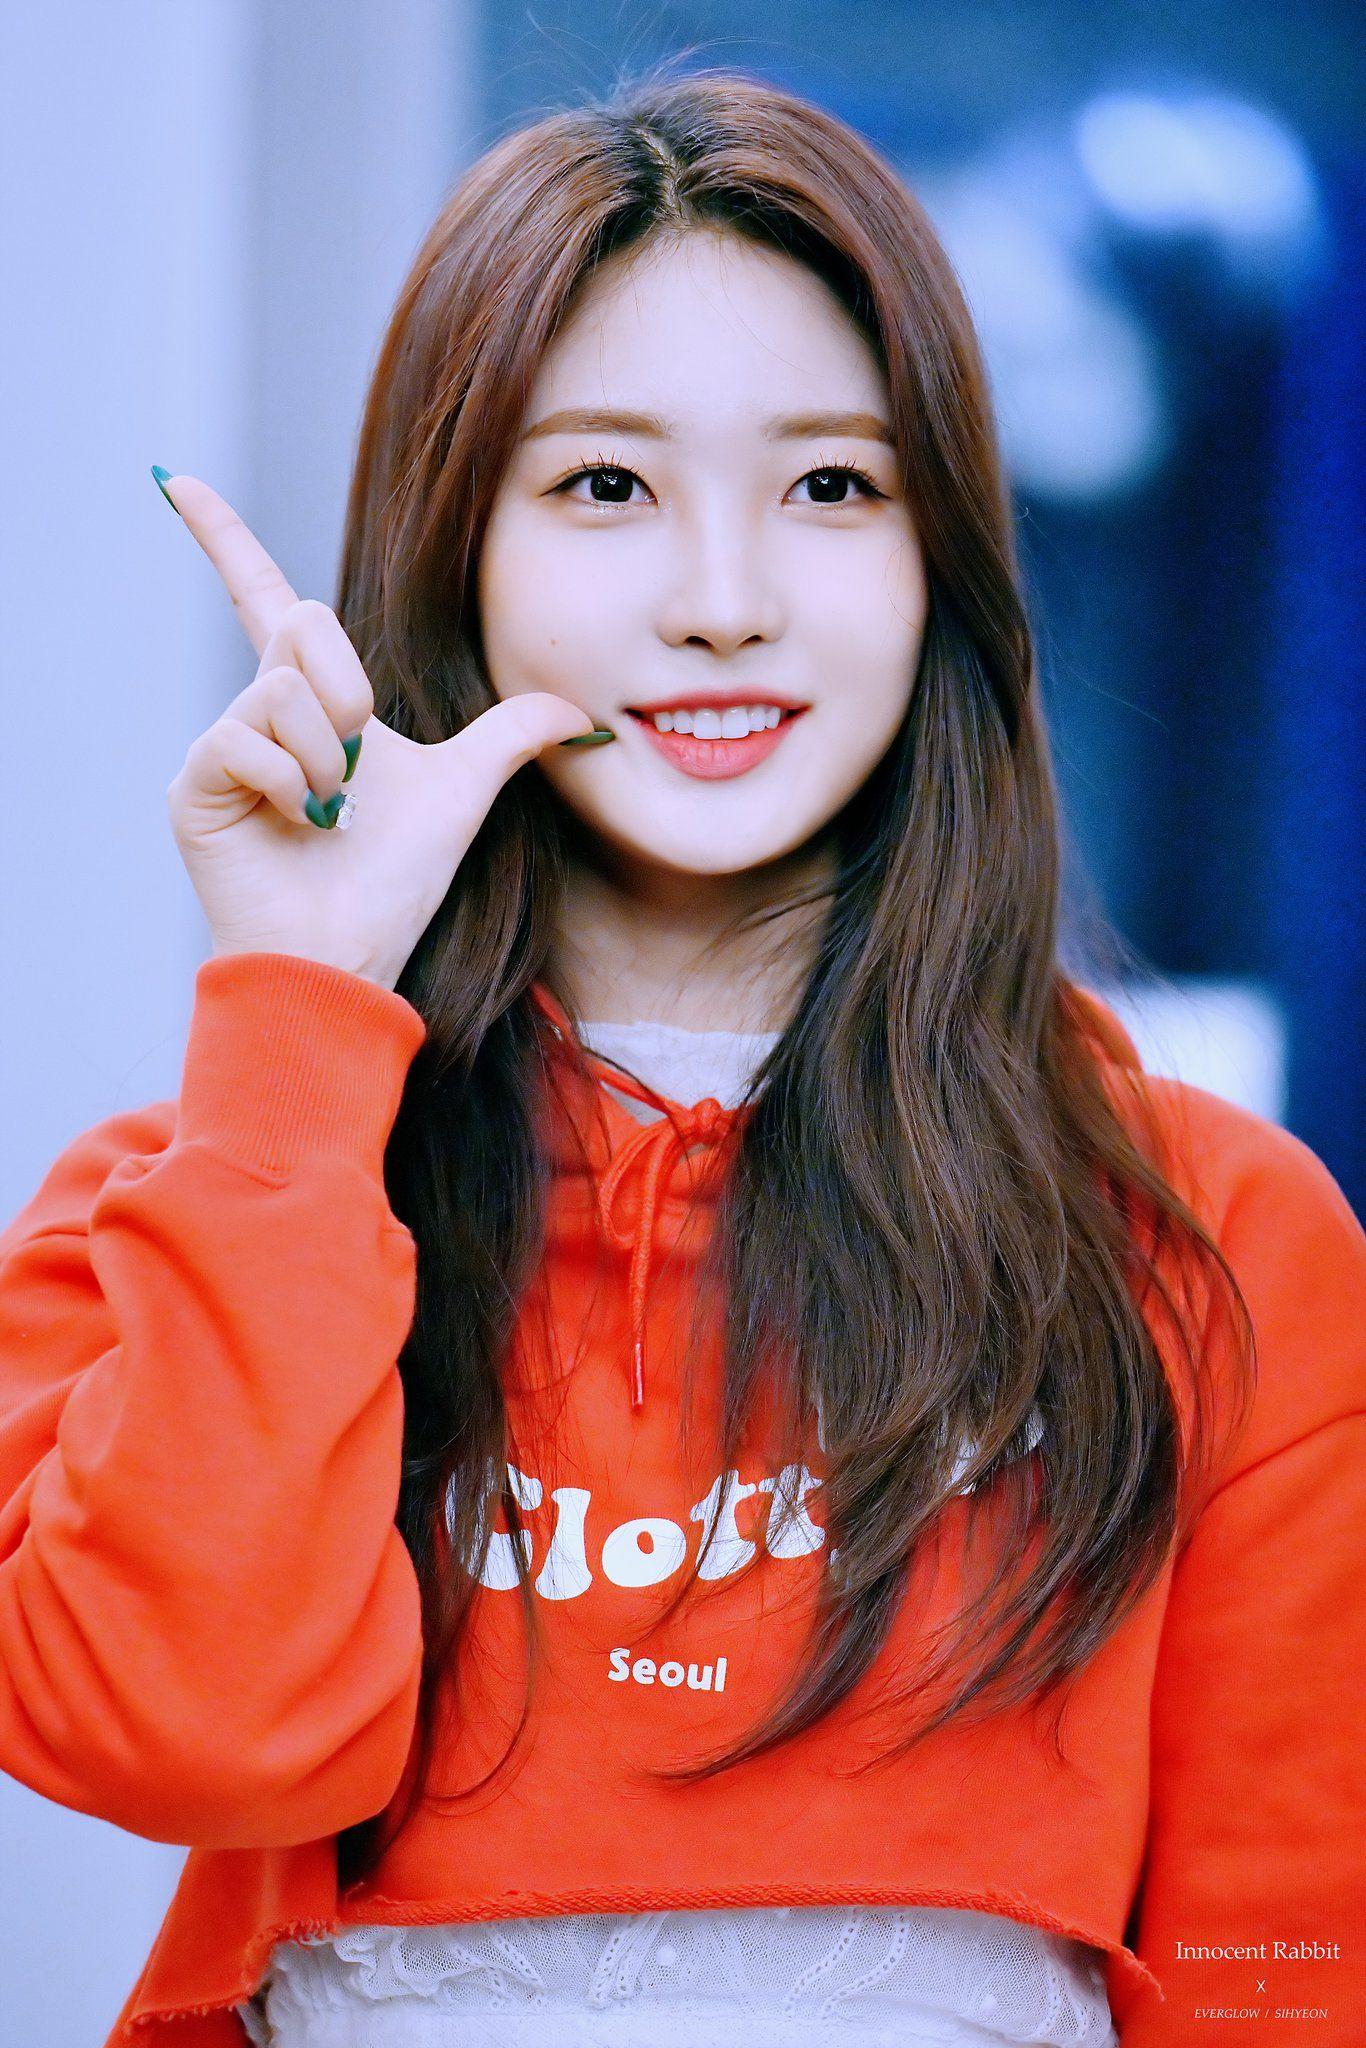 Innocent Rabbit On Twitter Kpop Girls Singer Fashion South Korean Girls